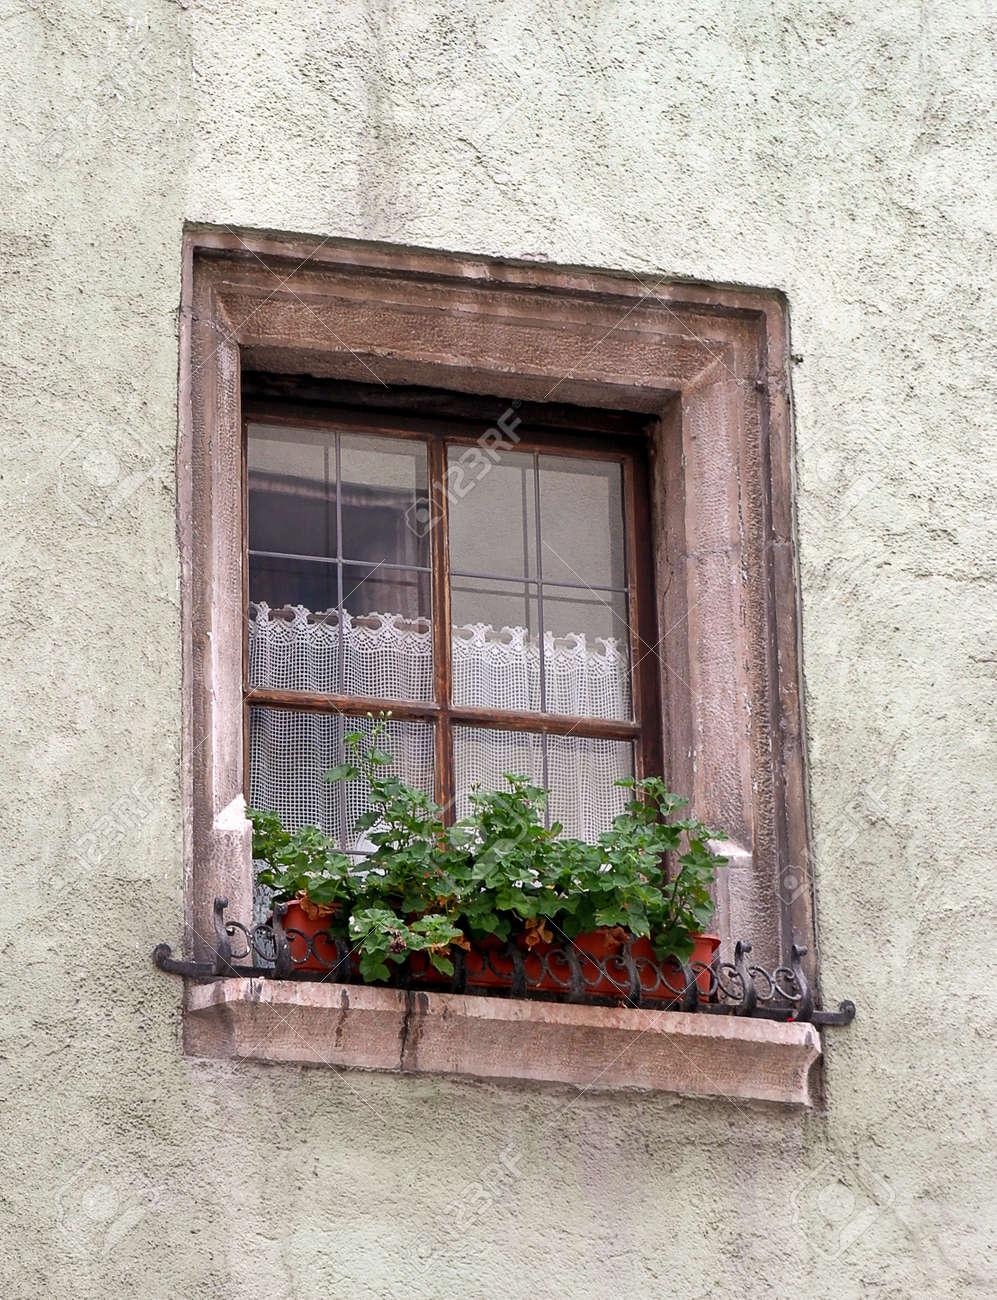 Alten Europaischen Haus Fenster Mit Blumenkasten Lizenzfreie Fotos